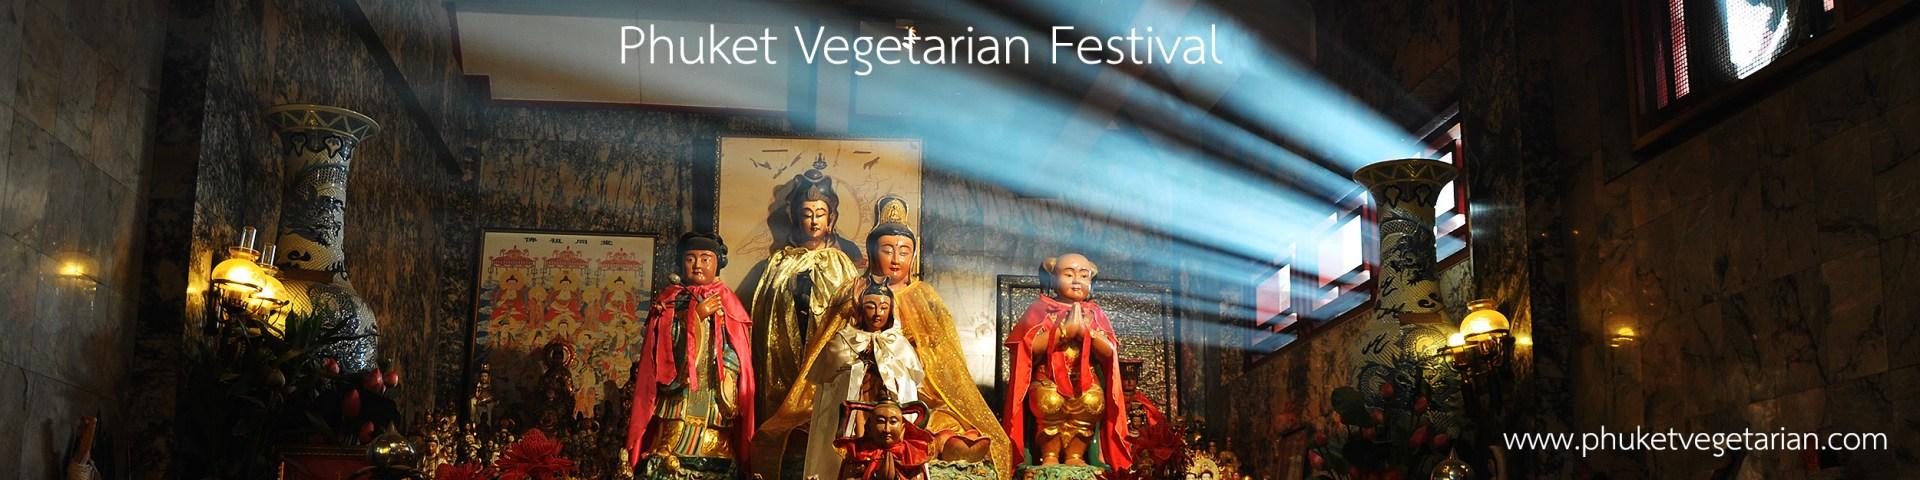 Phuket Vegetarian Festivel กินเจภูเก็ต ถือศีลกินผักภูเก็ต